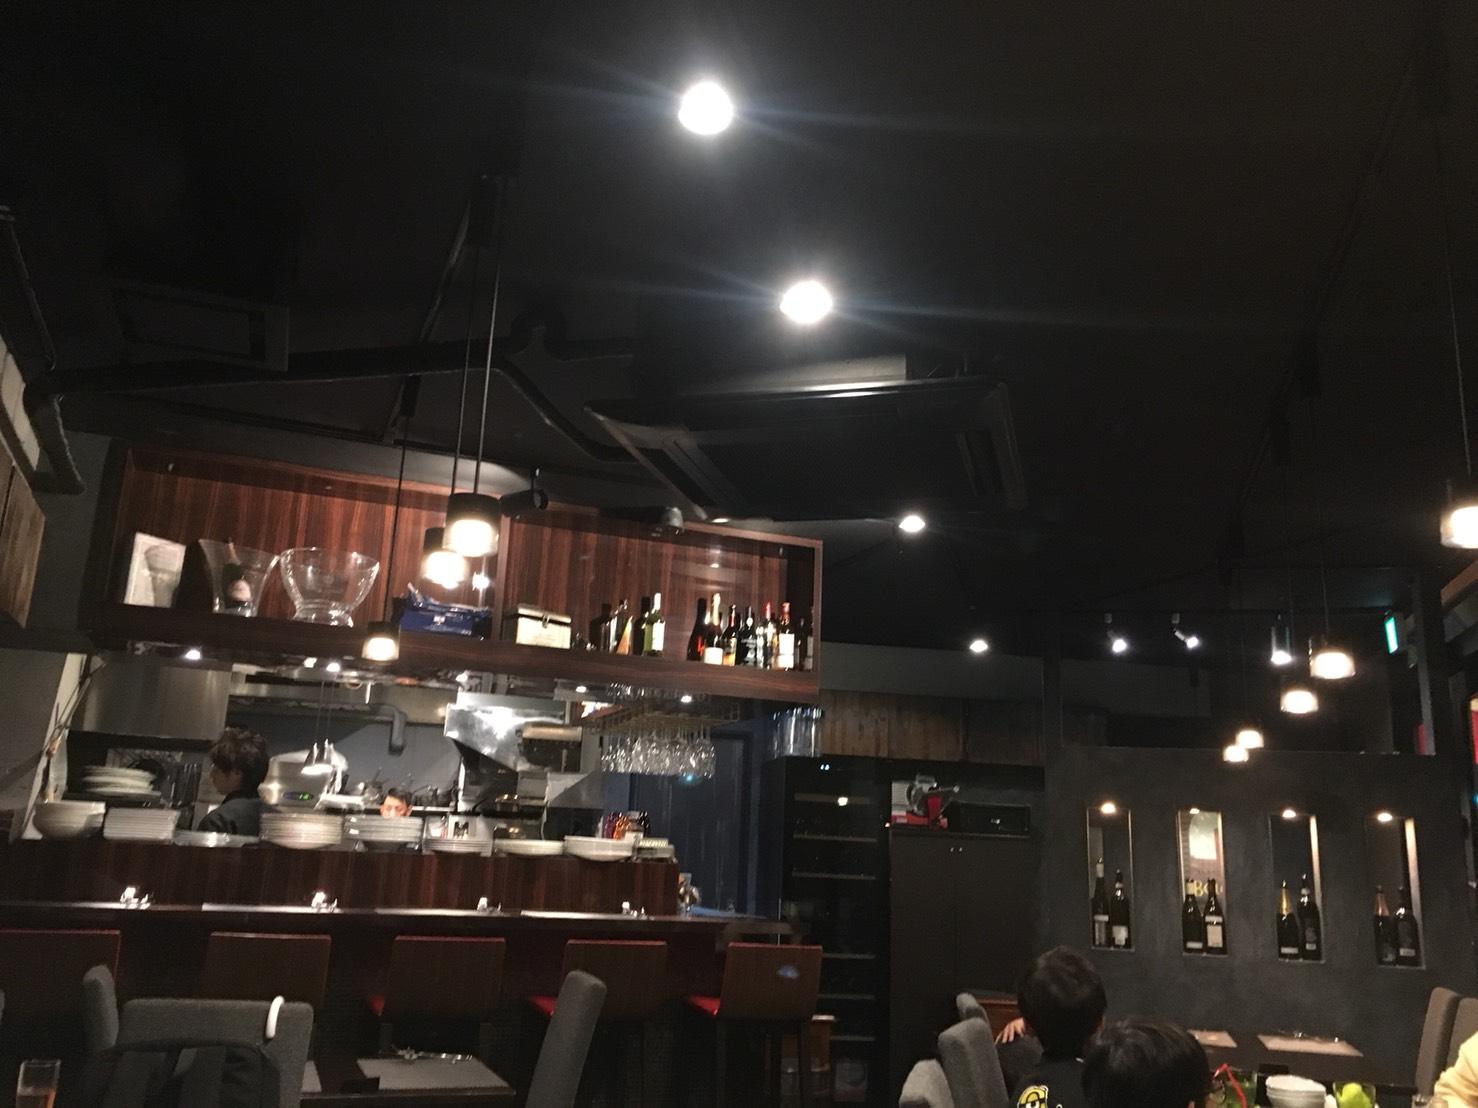 【池袋駅】リーズナブルなフレンチ&イタリアン「LAPLACE SONO 池袋店」の店内